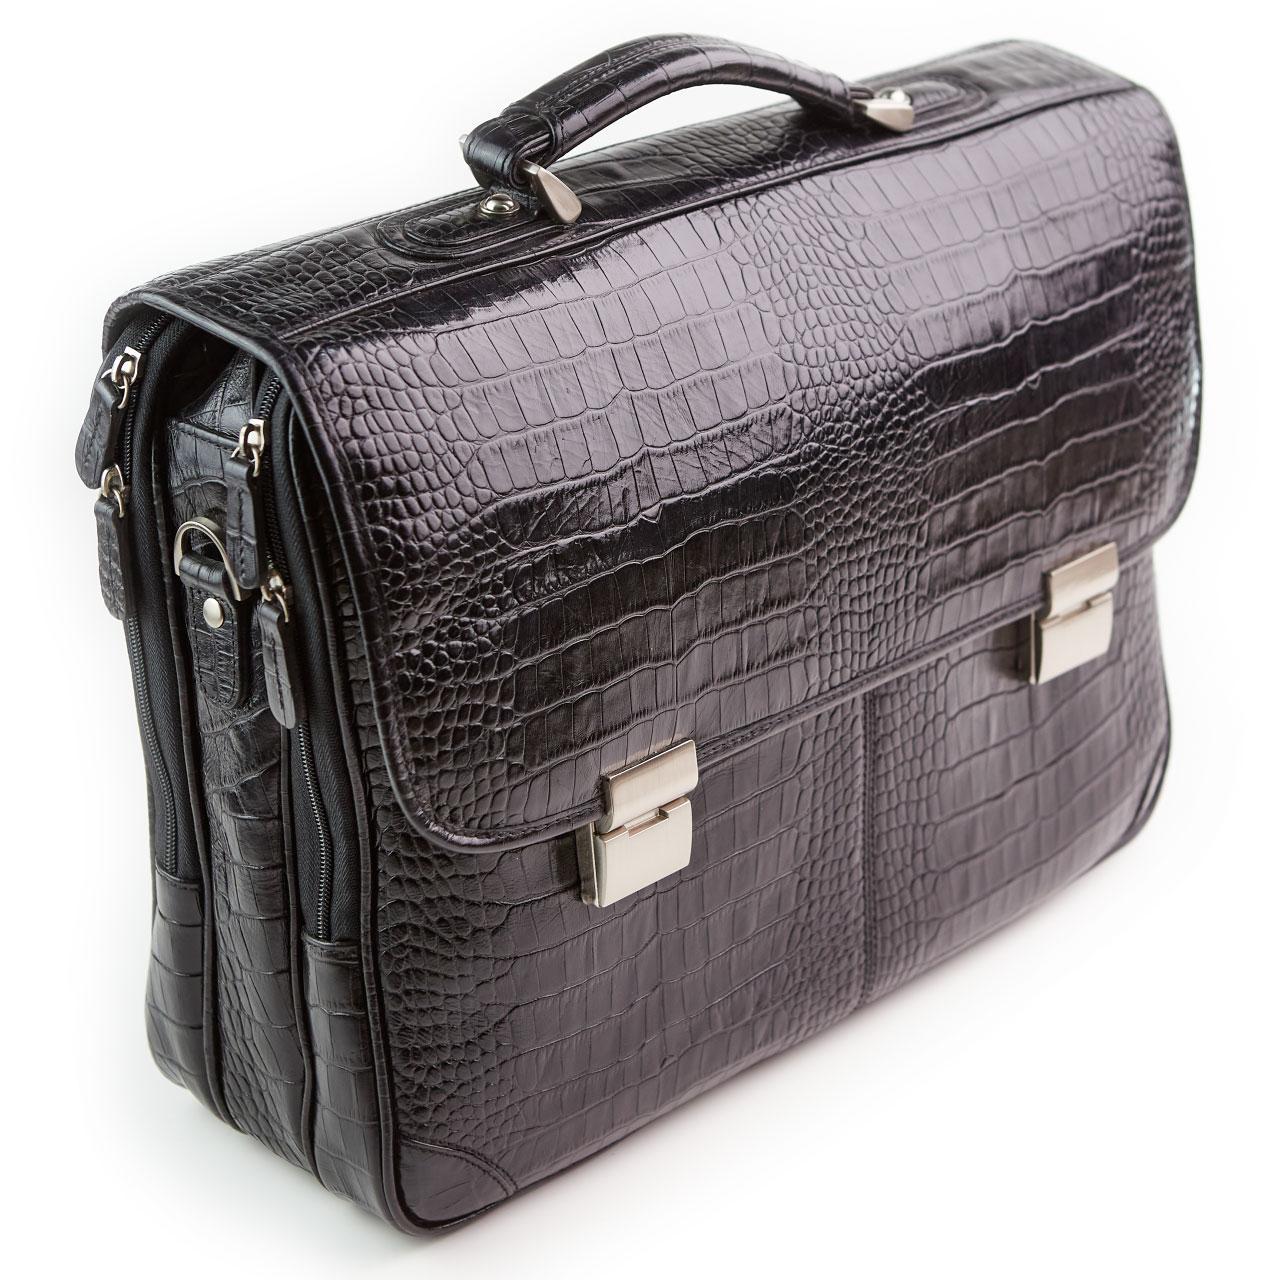 Великий чоловічий портфель Eminsa шкіряний чорний 7027-4-1